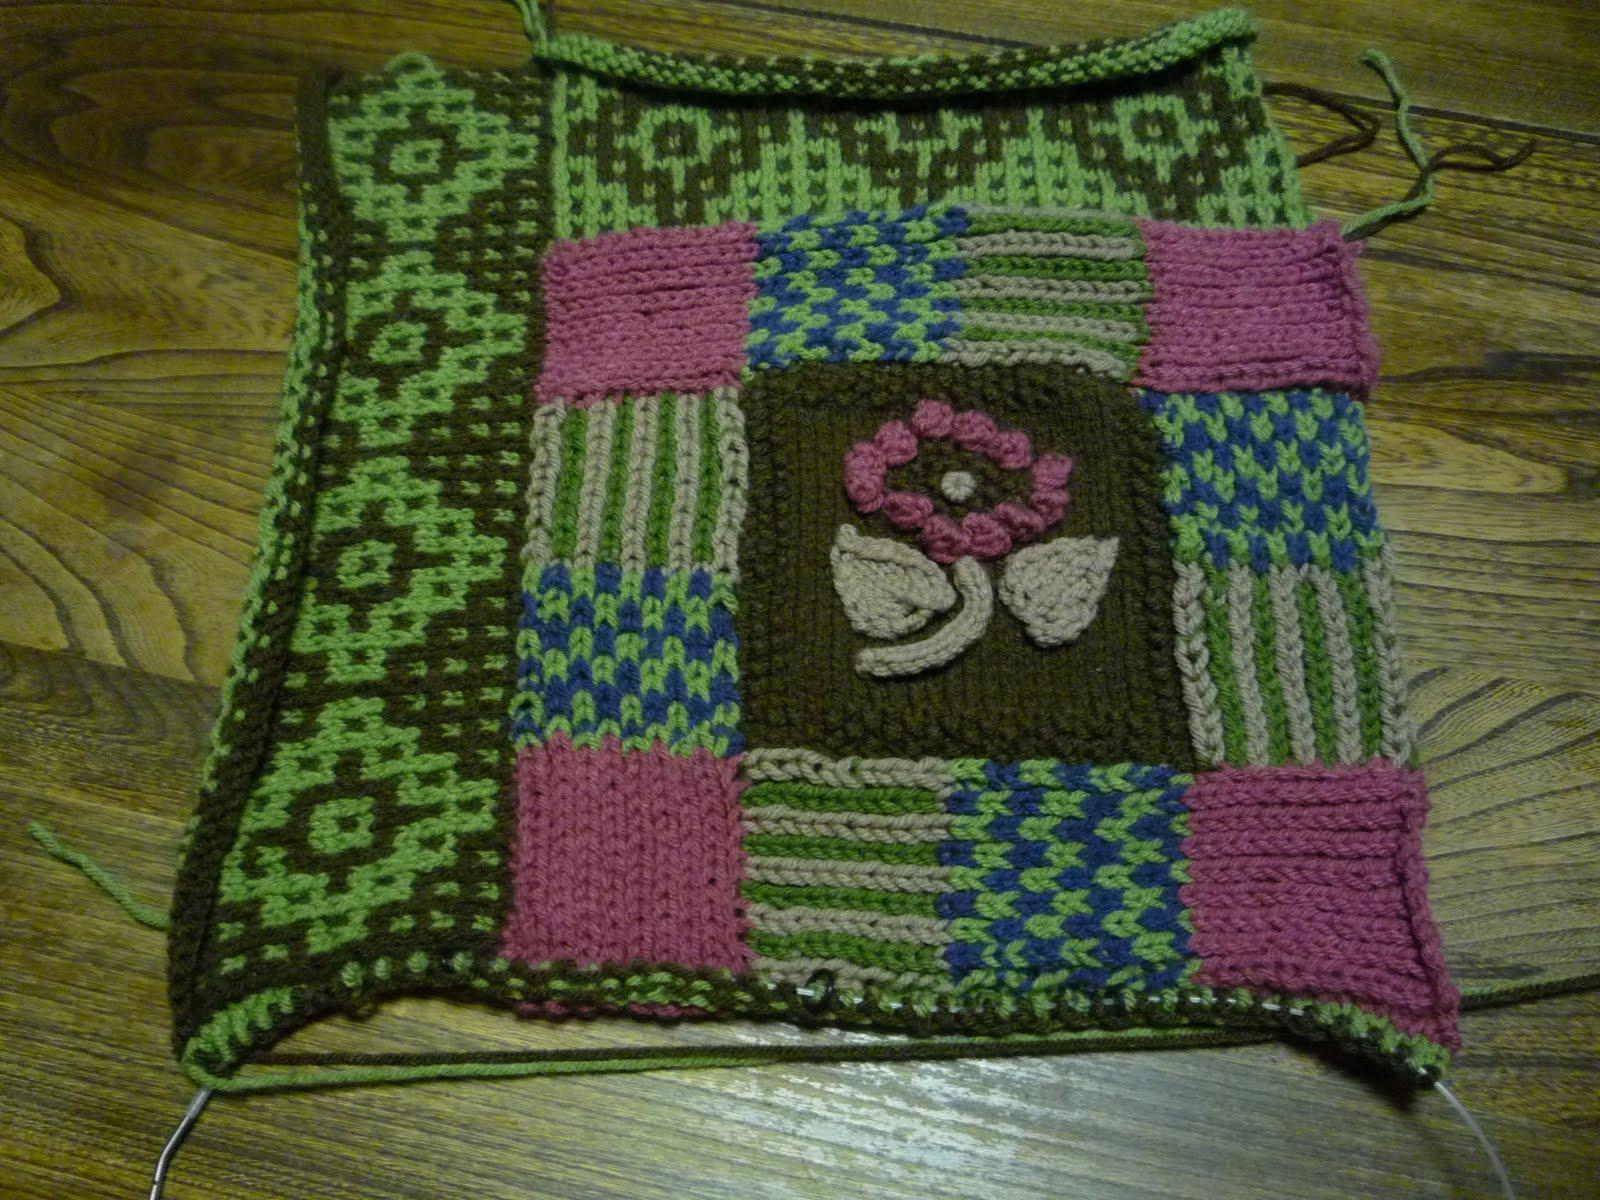 Mosaic Knitting Stitches Patterns : Wildflower Wool Knits: Mosaic Knitting